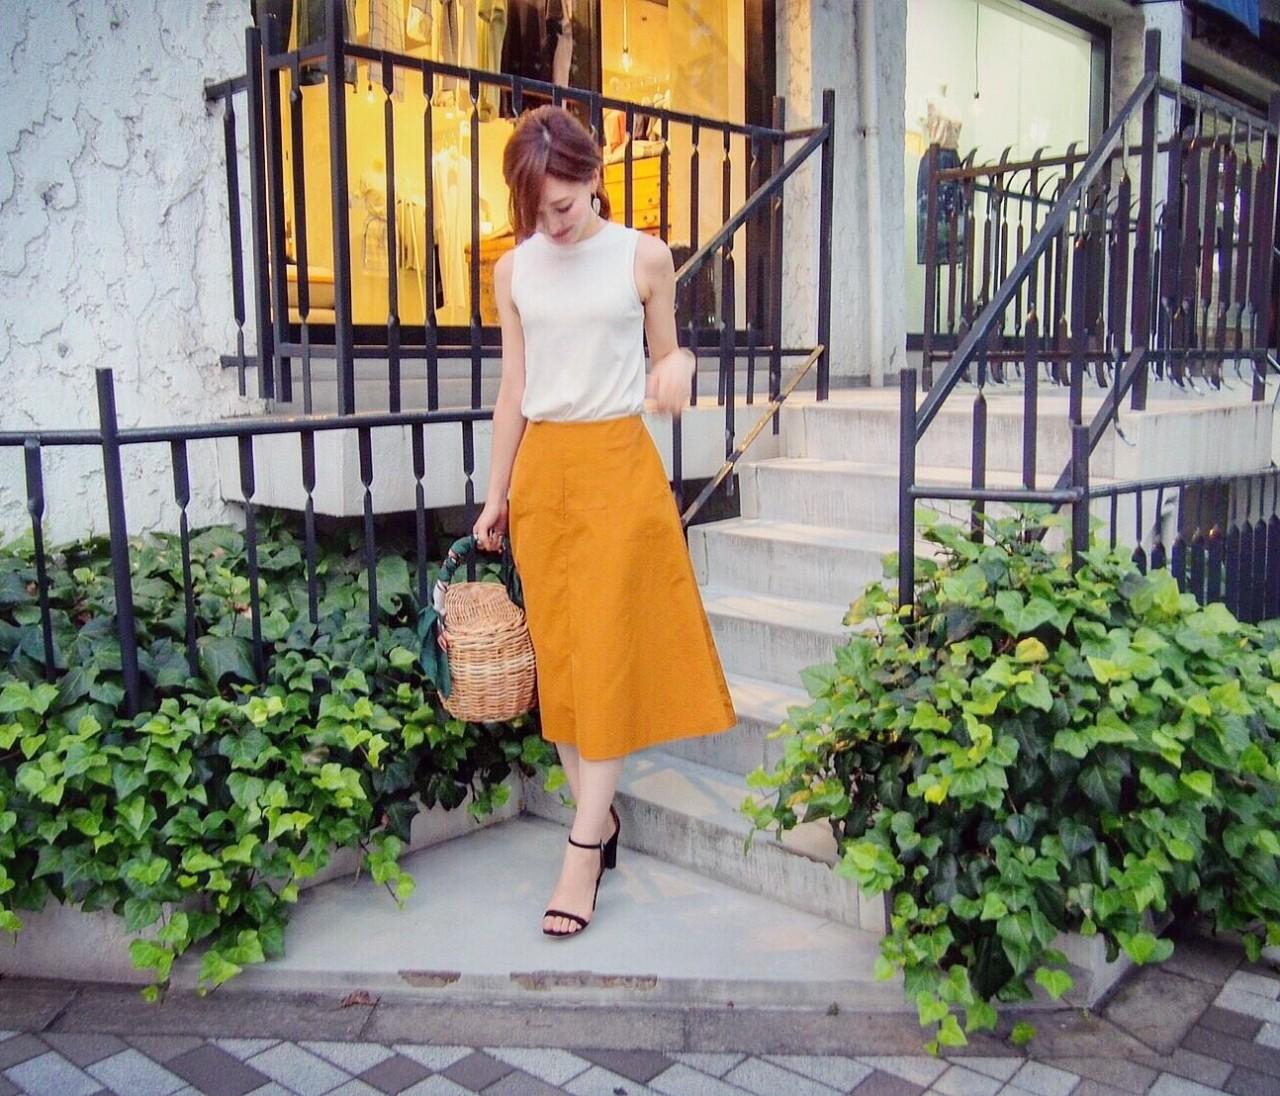 ★オーダーしてた秋色スカートで展示会巡り